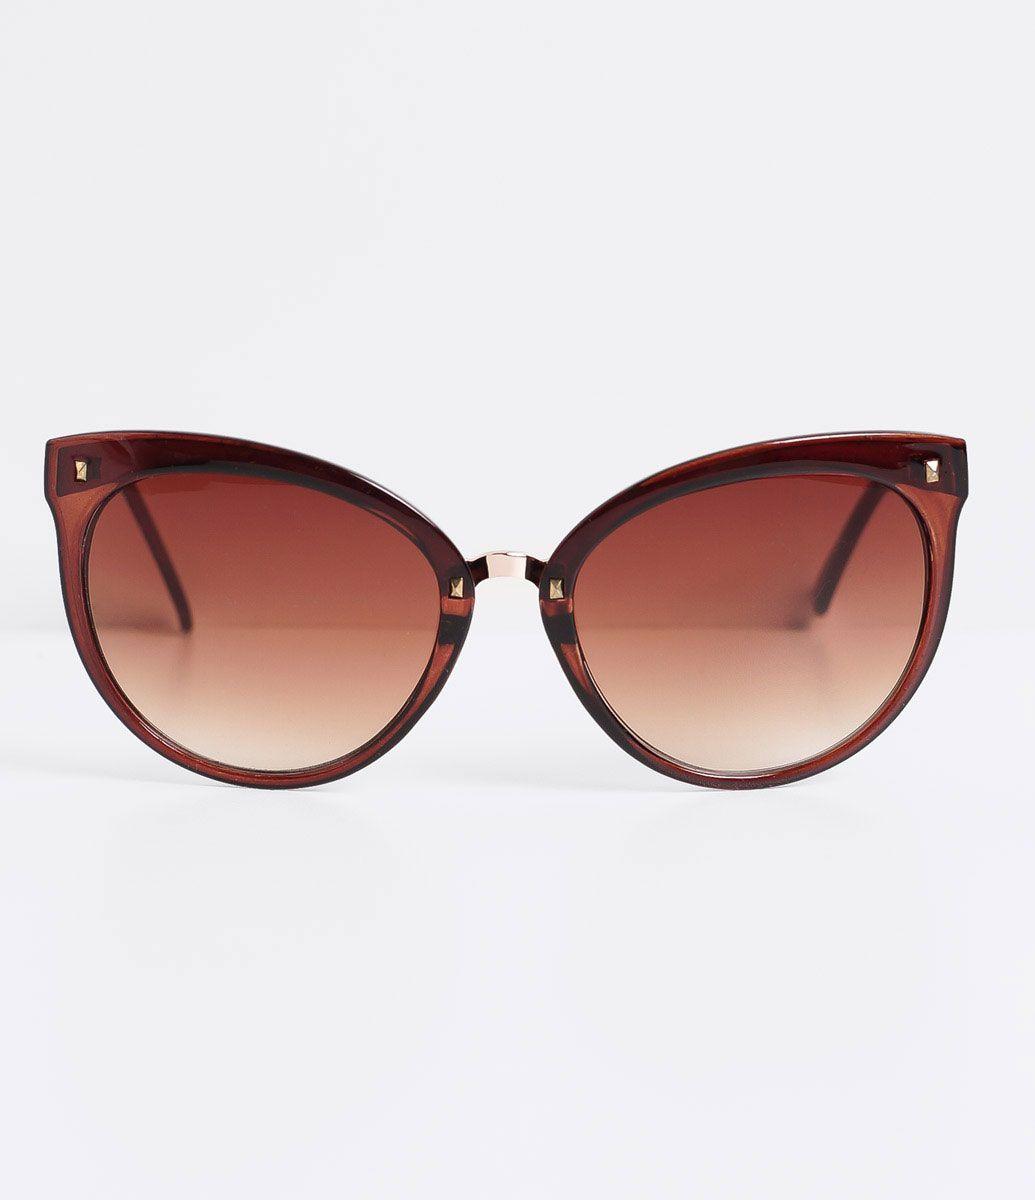 ed031bf783359 Óculos de Sol Feminino Redondo - Lojas Renner